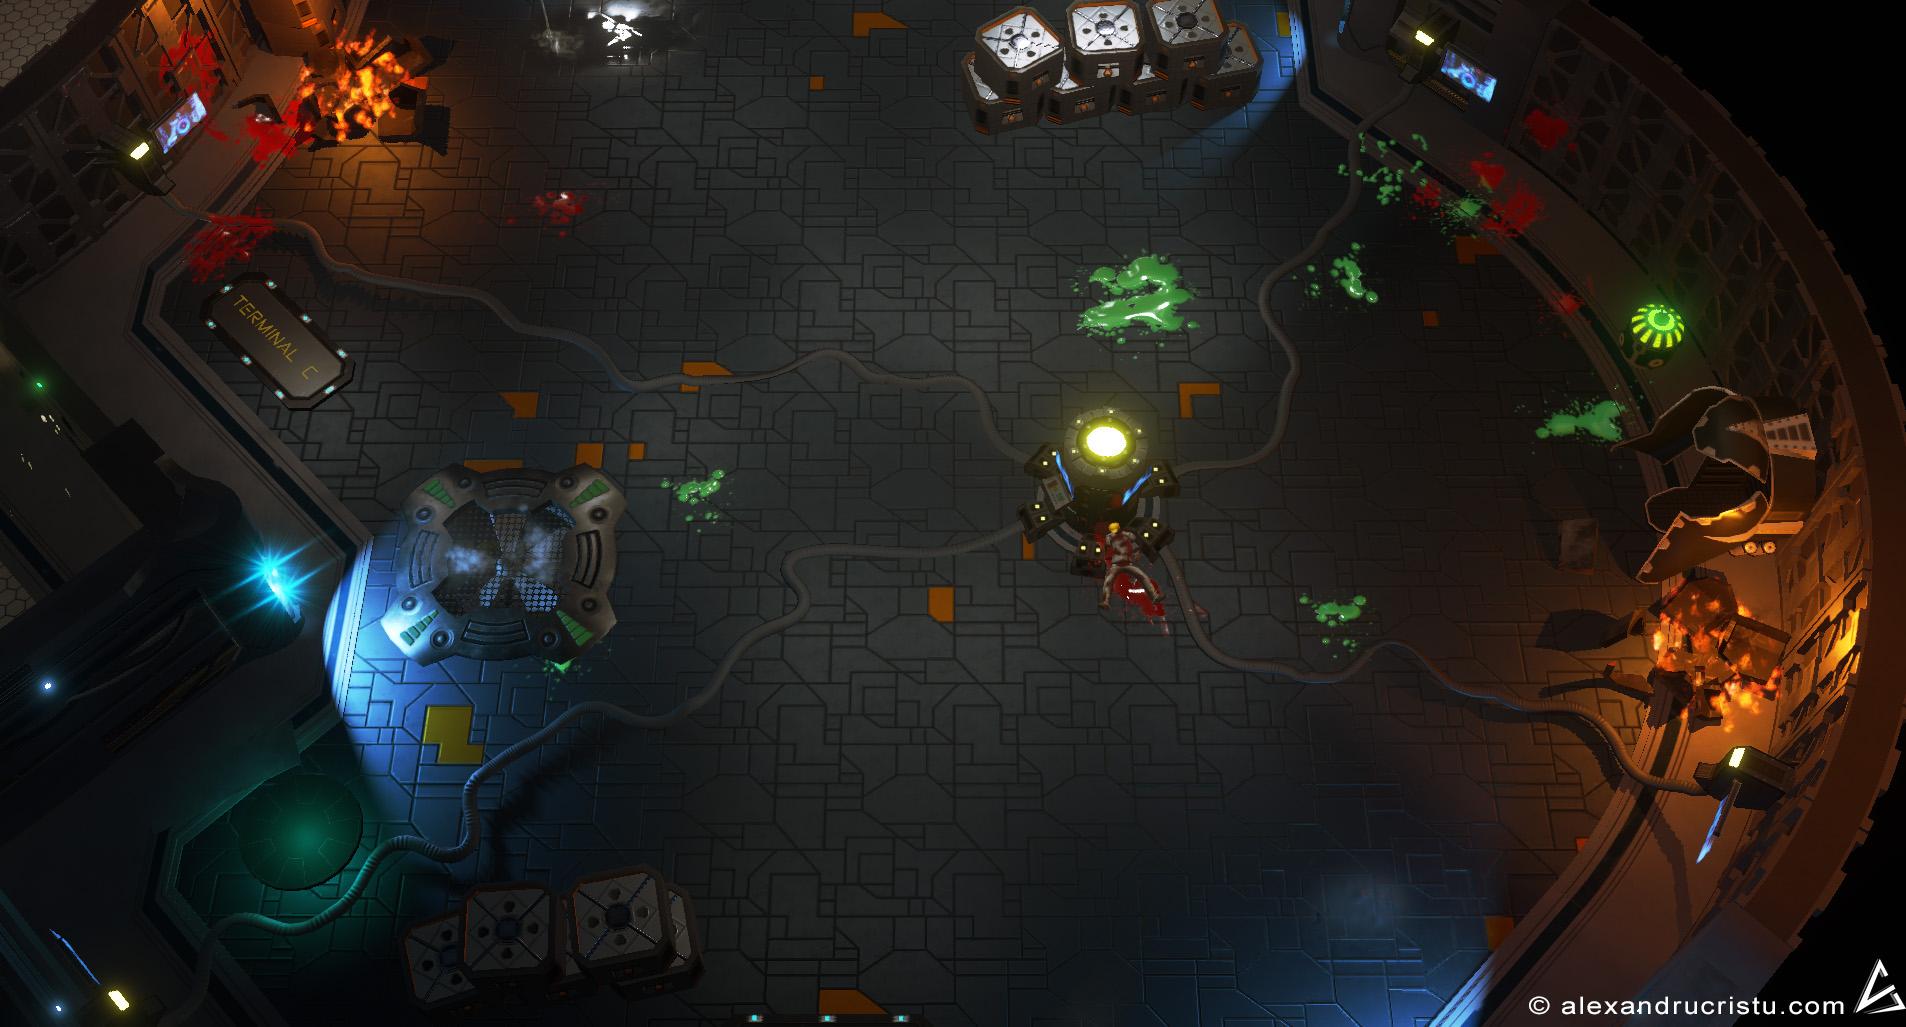 Sci-Fi Map